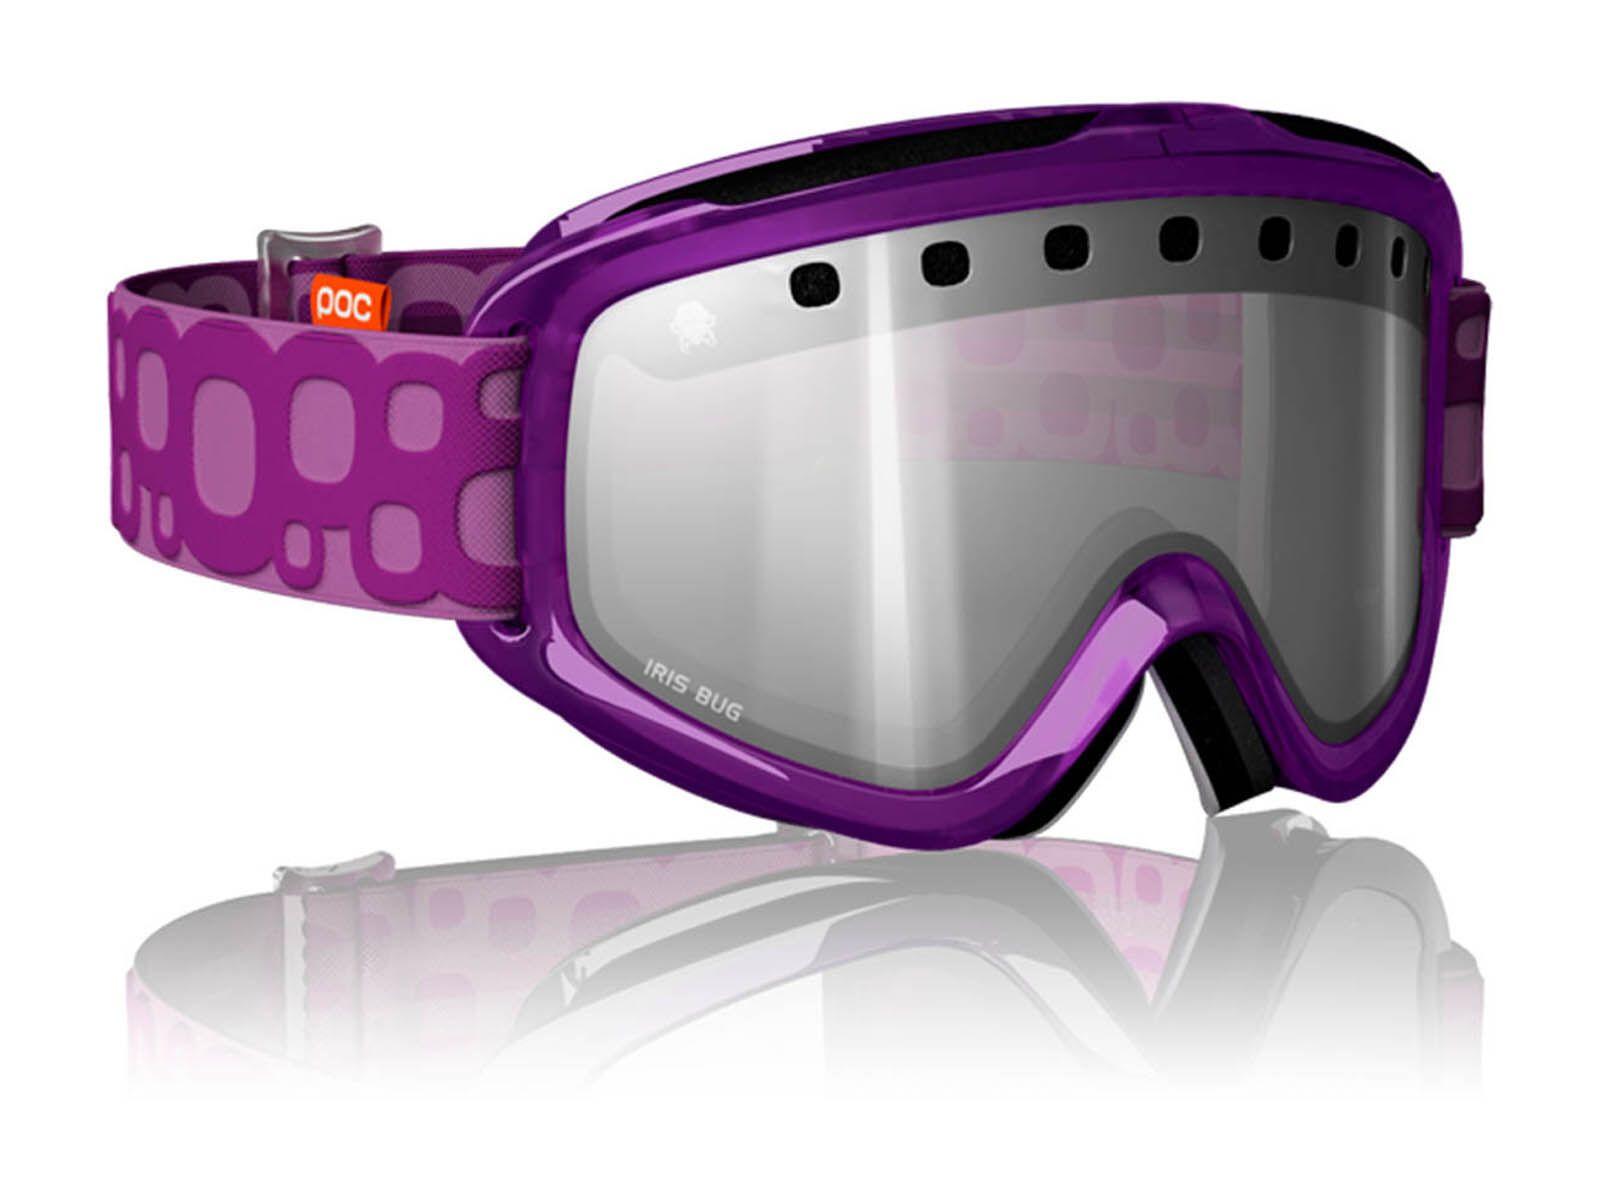 POC Iris BUG, Purple   Bild 1